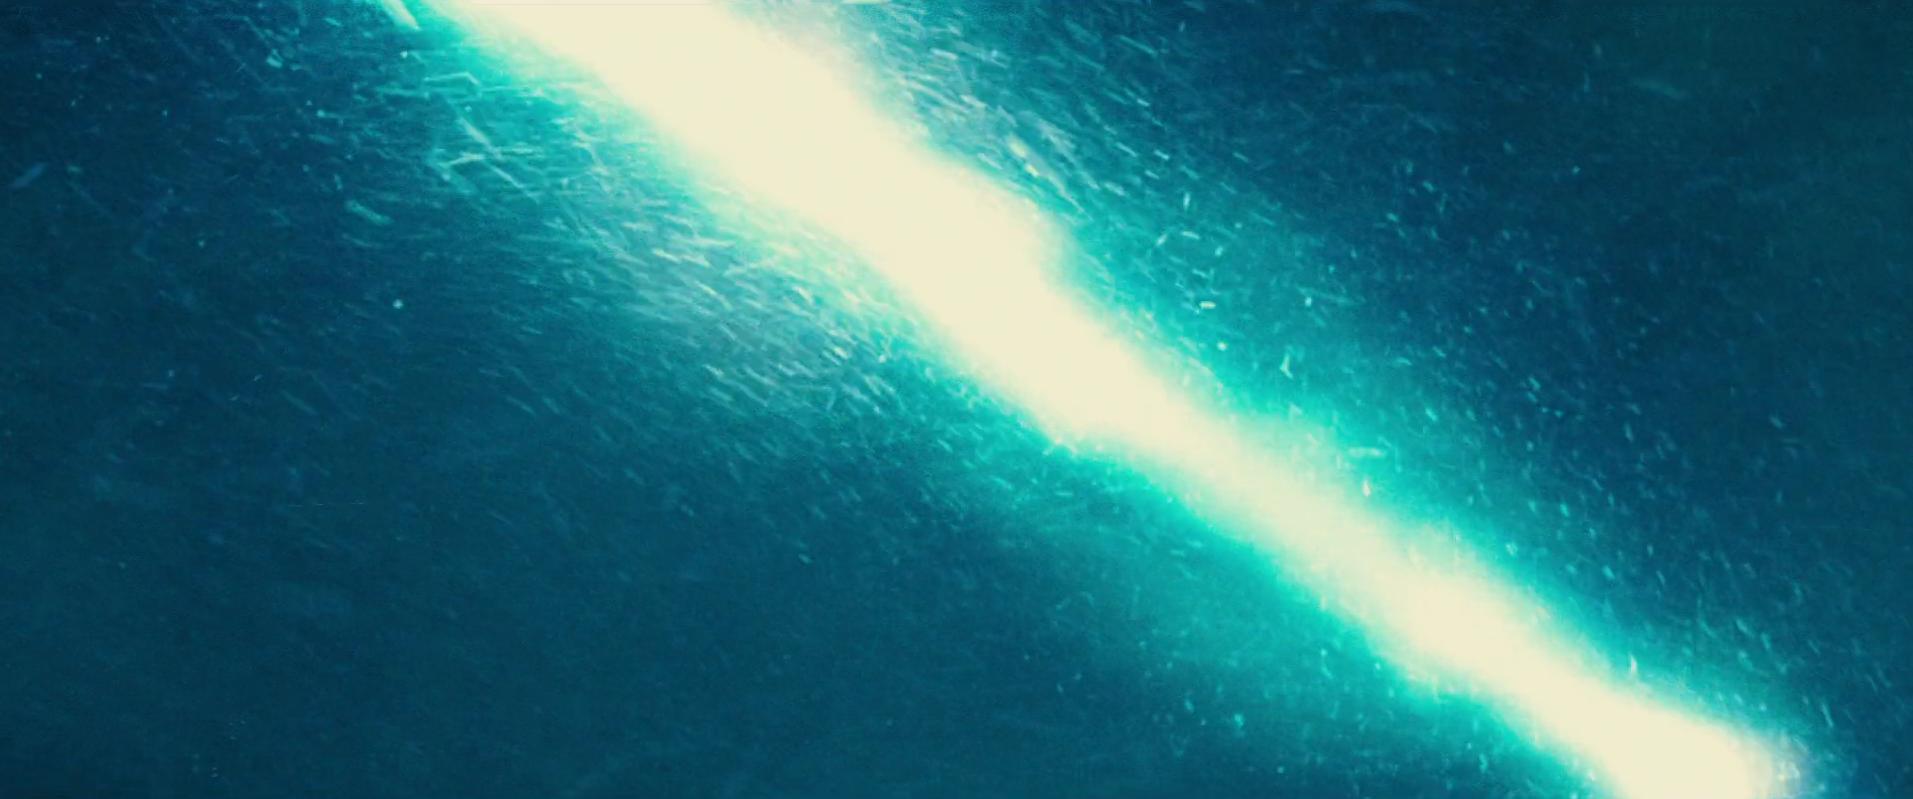 Run 14 - Godzilla beam.png